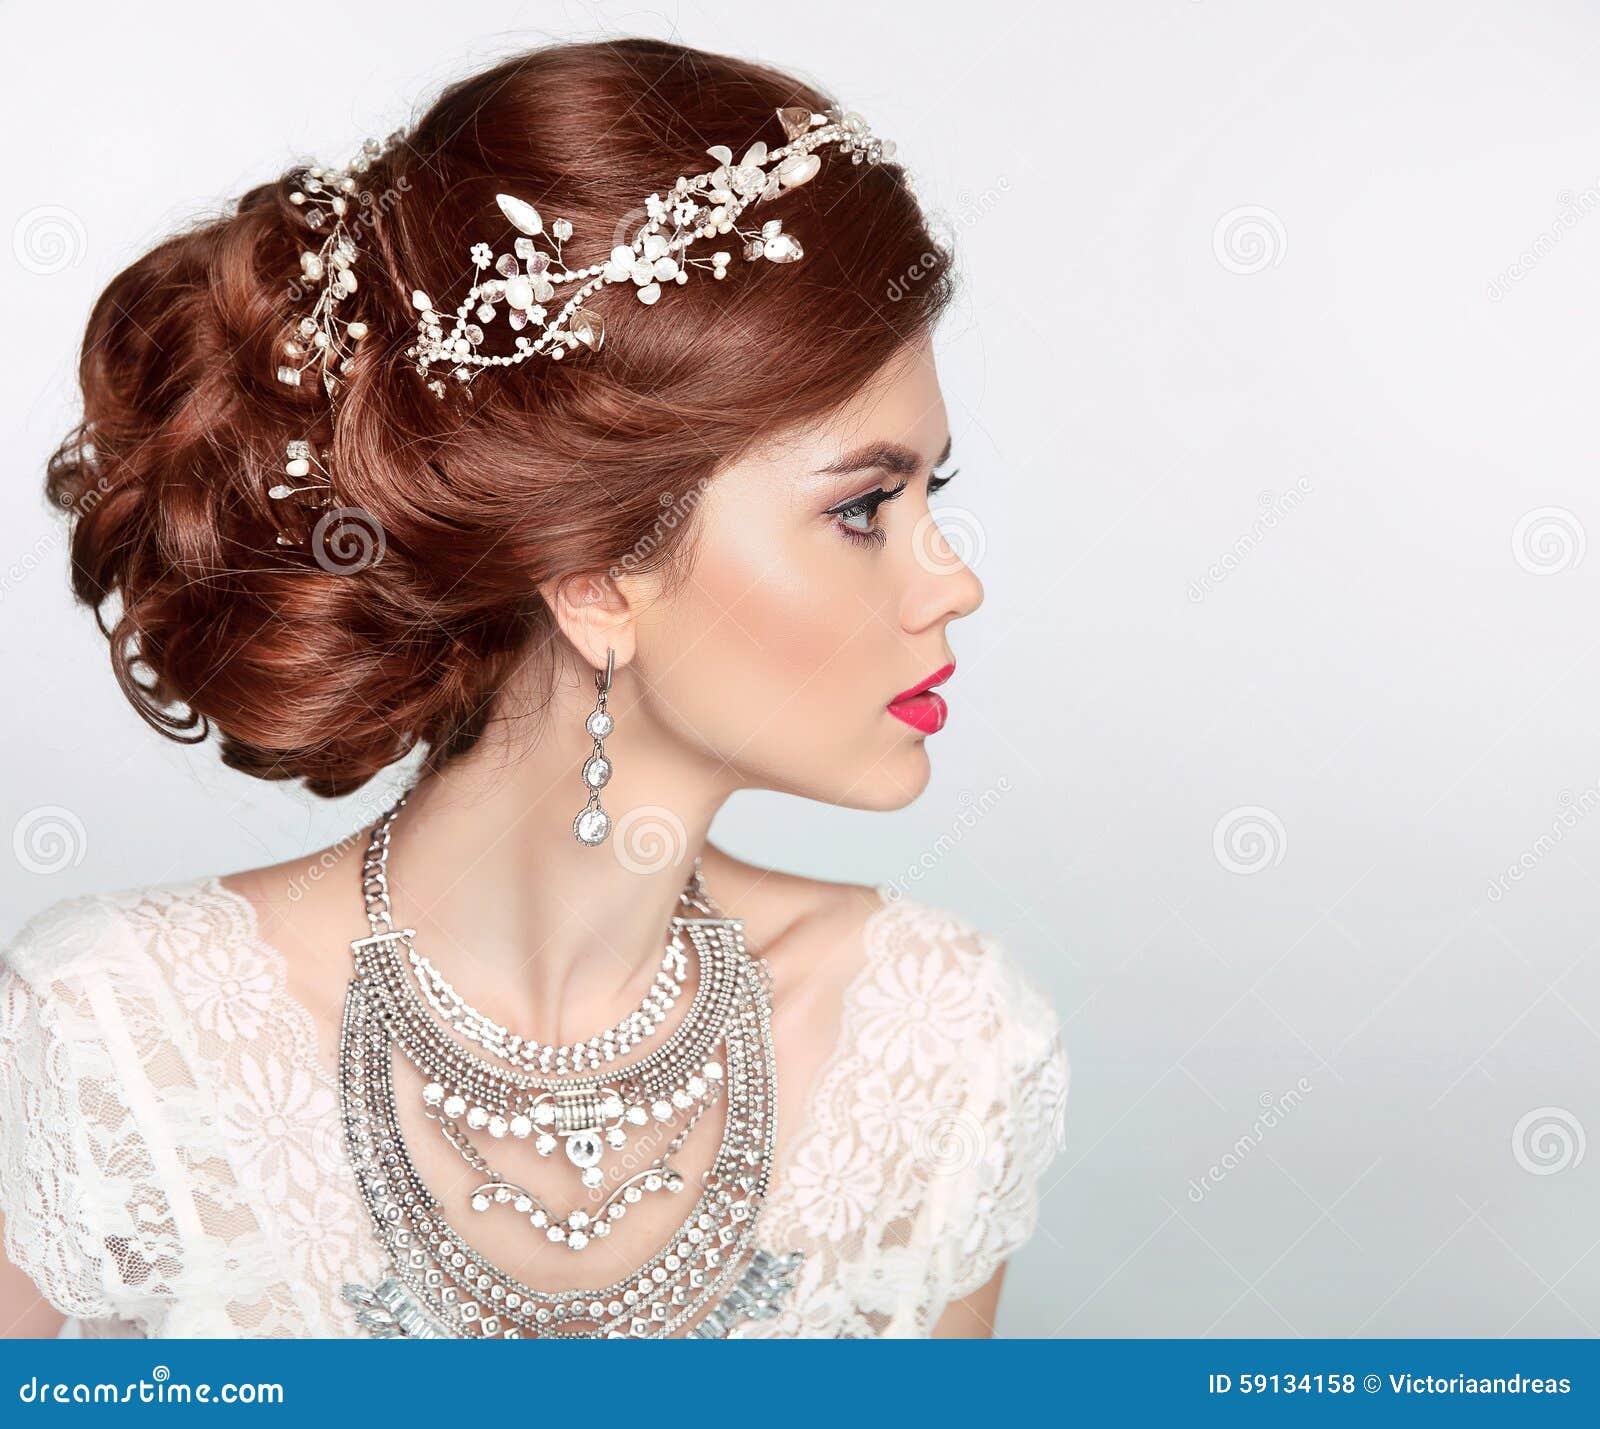 La Belle Coiffure Mignonne Verrouille Le Mariage Modele De Profil De Verticale Beau Portrait De Modele De Fille De Jeune Mariee D Photo Stock Image Du Beau Coiffure 59134158